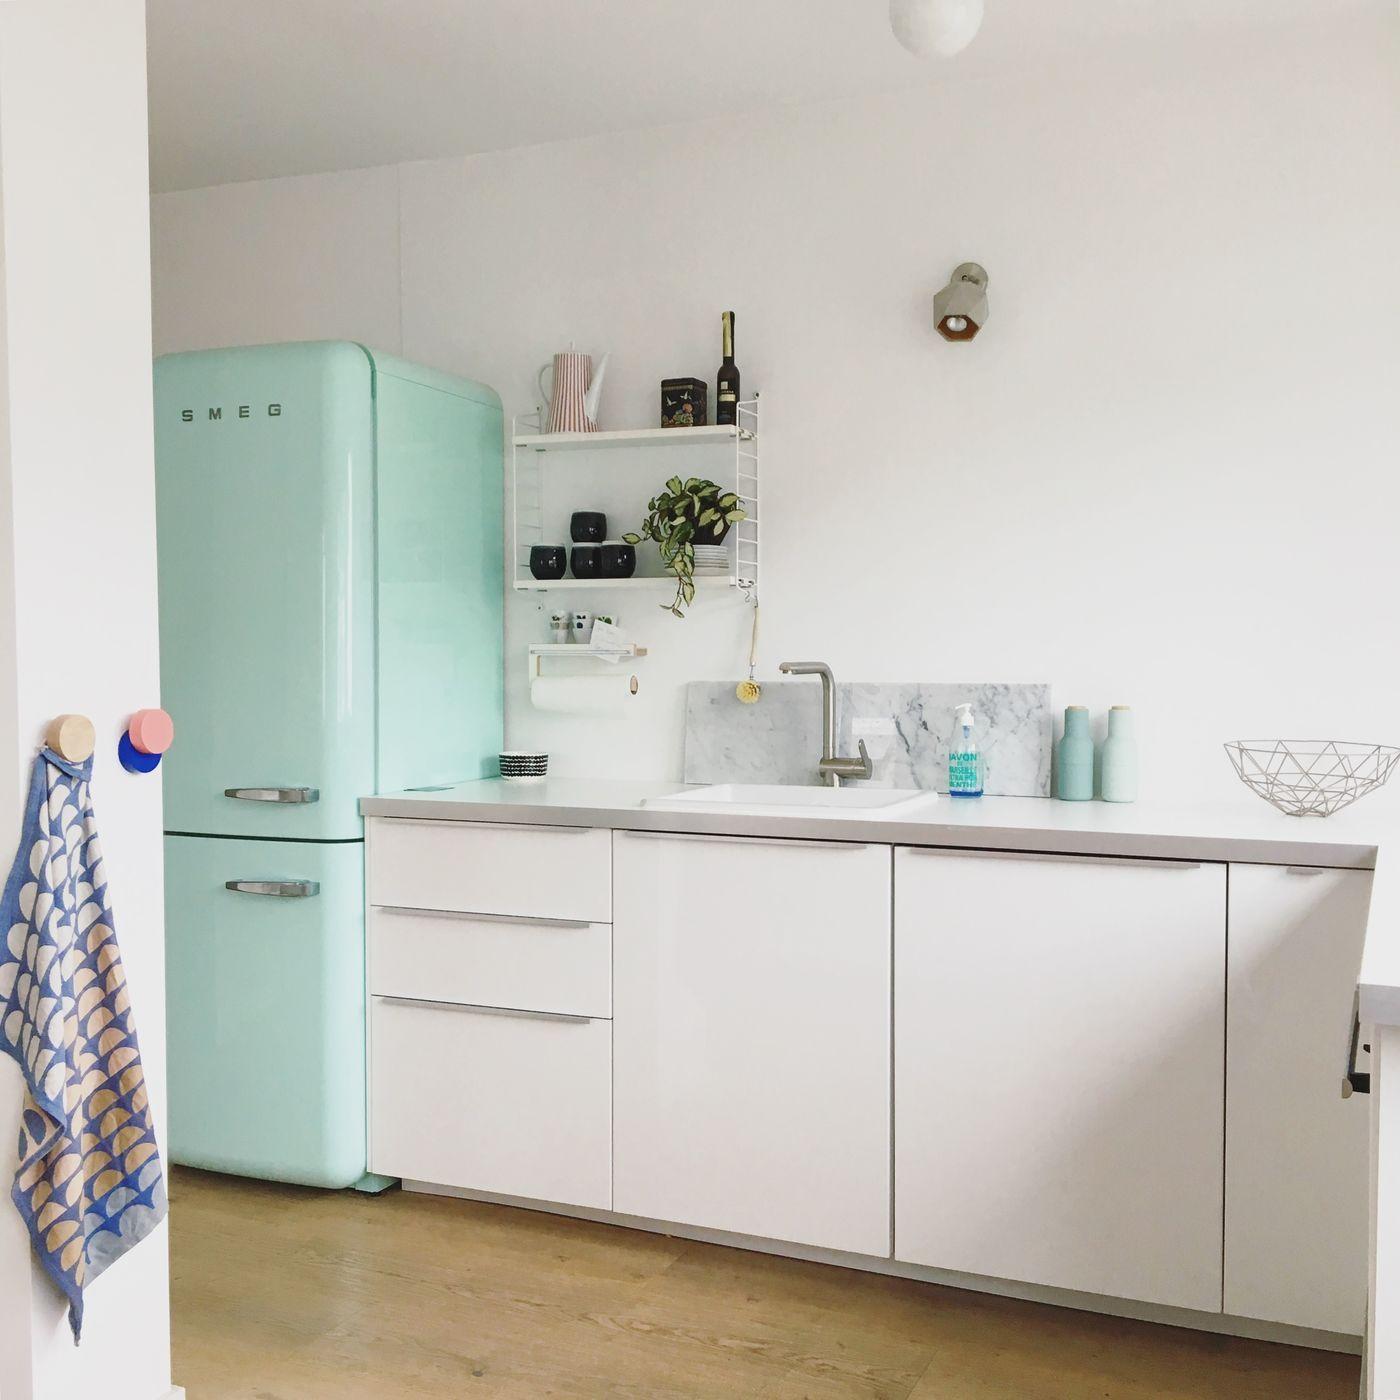 Top Ergebnis 50 Schön Küche Ohne Geräte Ikea Grafiken 2018 Shdy7